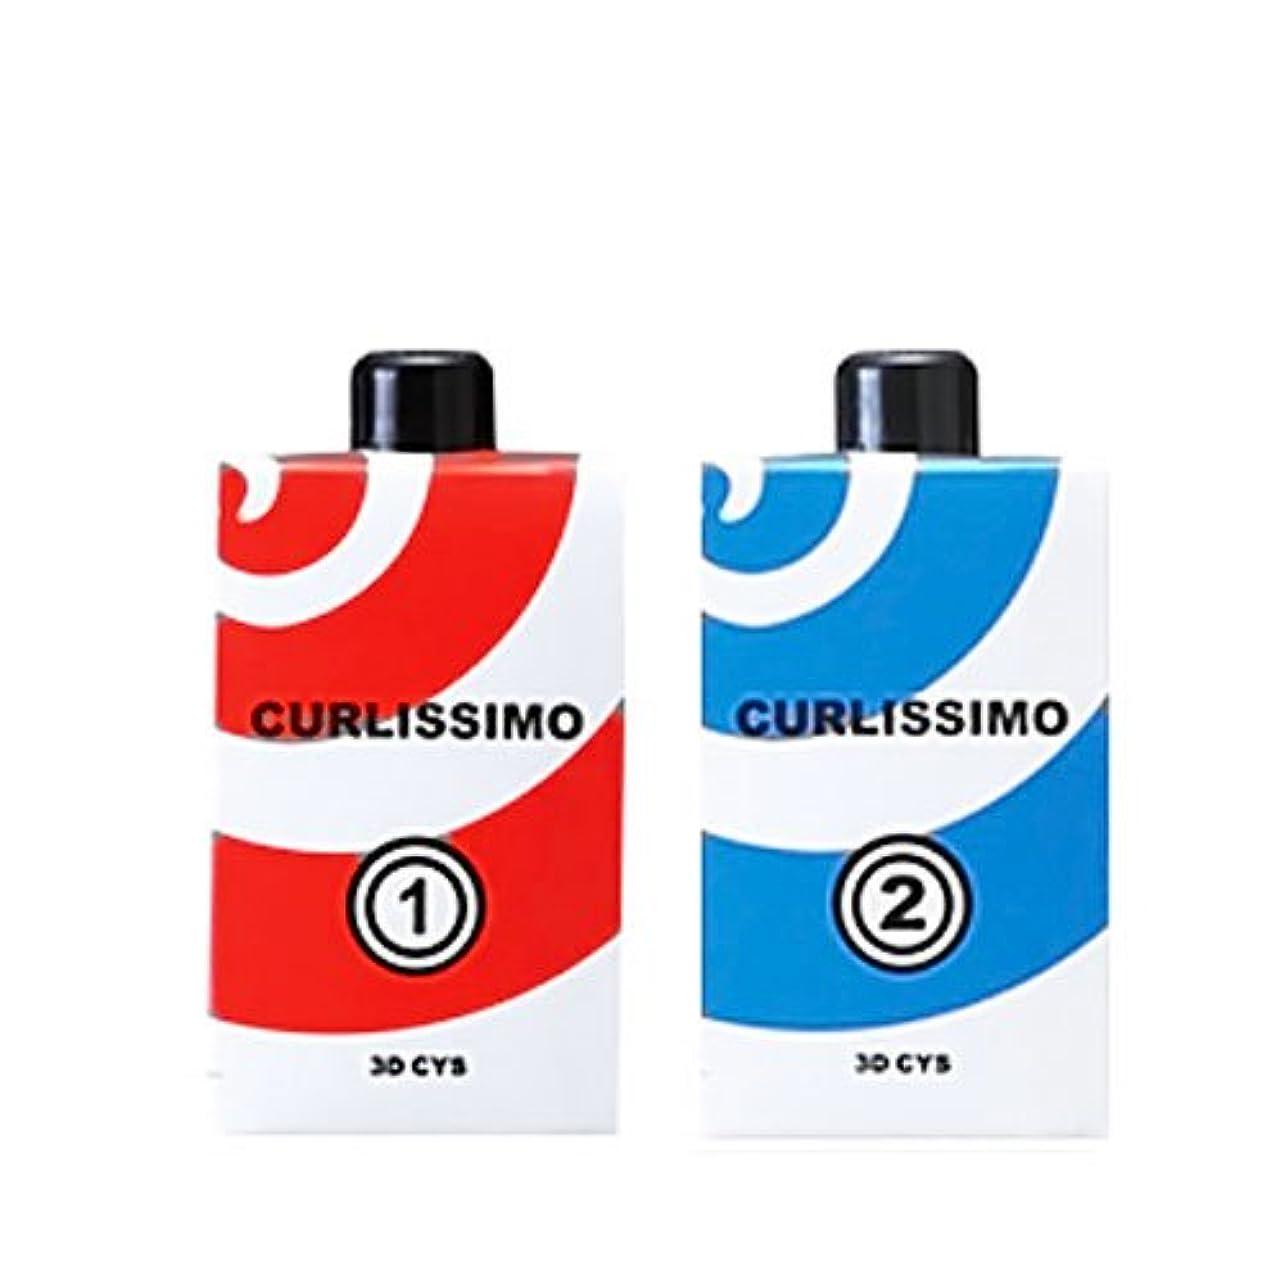 実行する近傍もちろんムコタ カーリッシモ 3D CYS(システイン タイプ) 各400ml【パーマ液】【1剤?2剤】MUCOTA CURLISSIMO